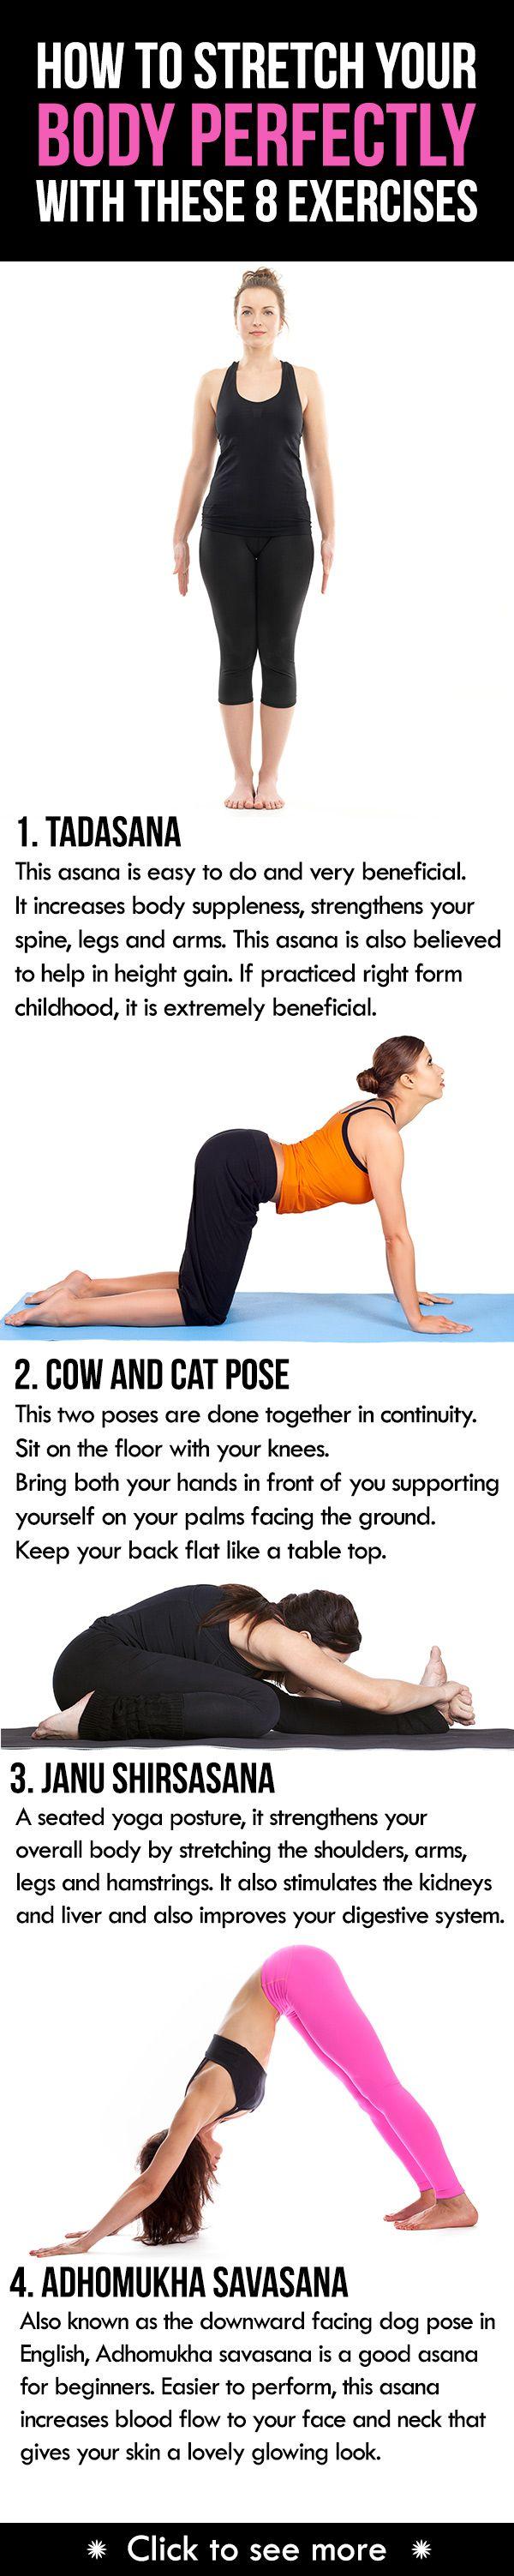 exercice du yoga quelques exercices d 39 tirement pour d butants virtual fitness votre. Black Bedroom Furniture Sets. Home Design Ideas